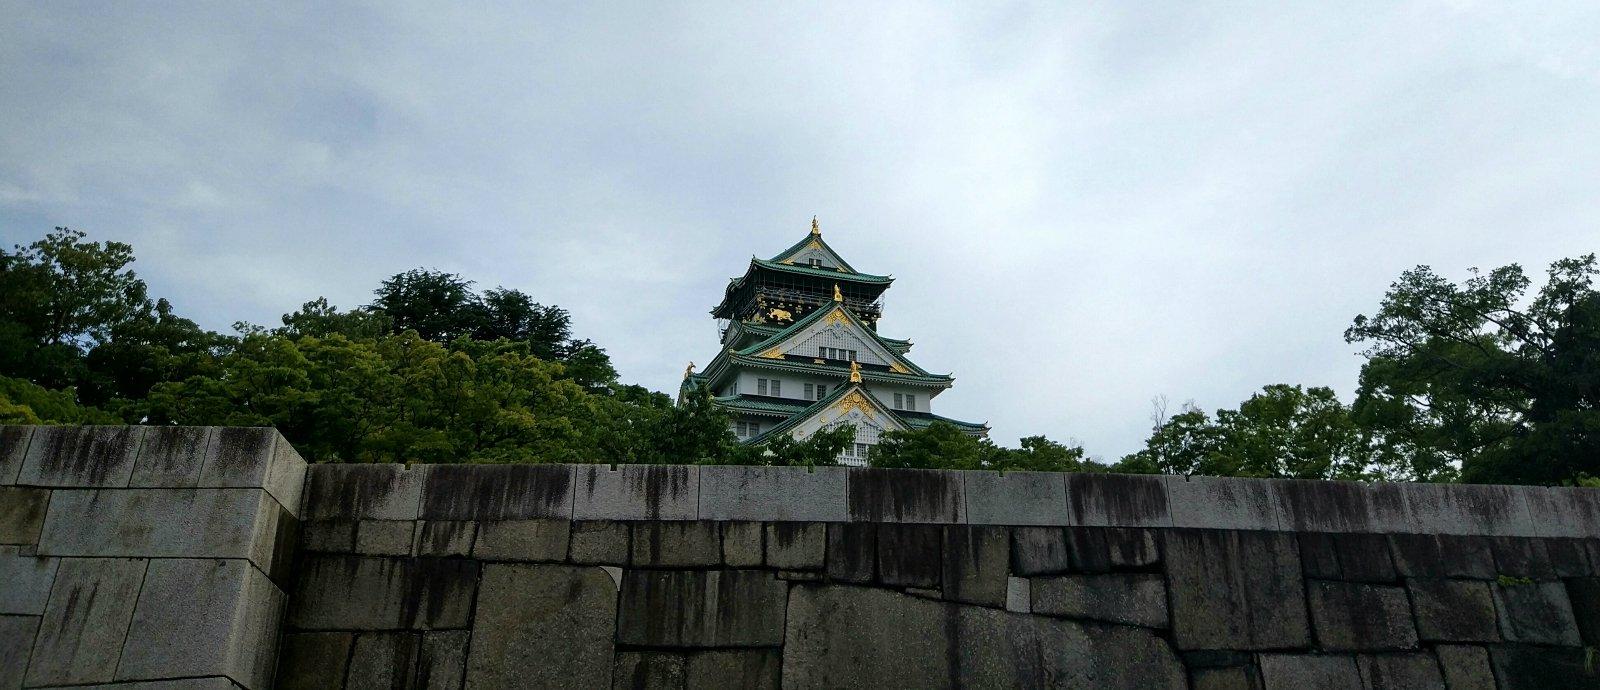 2019大阪城公园位于攻略,大阪城公园游玩大阪防无双塔攻略图片